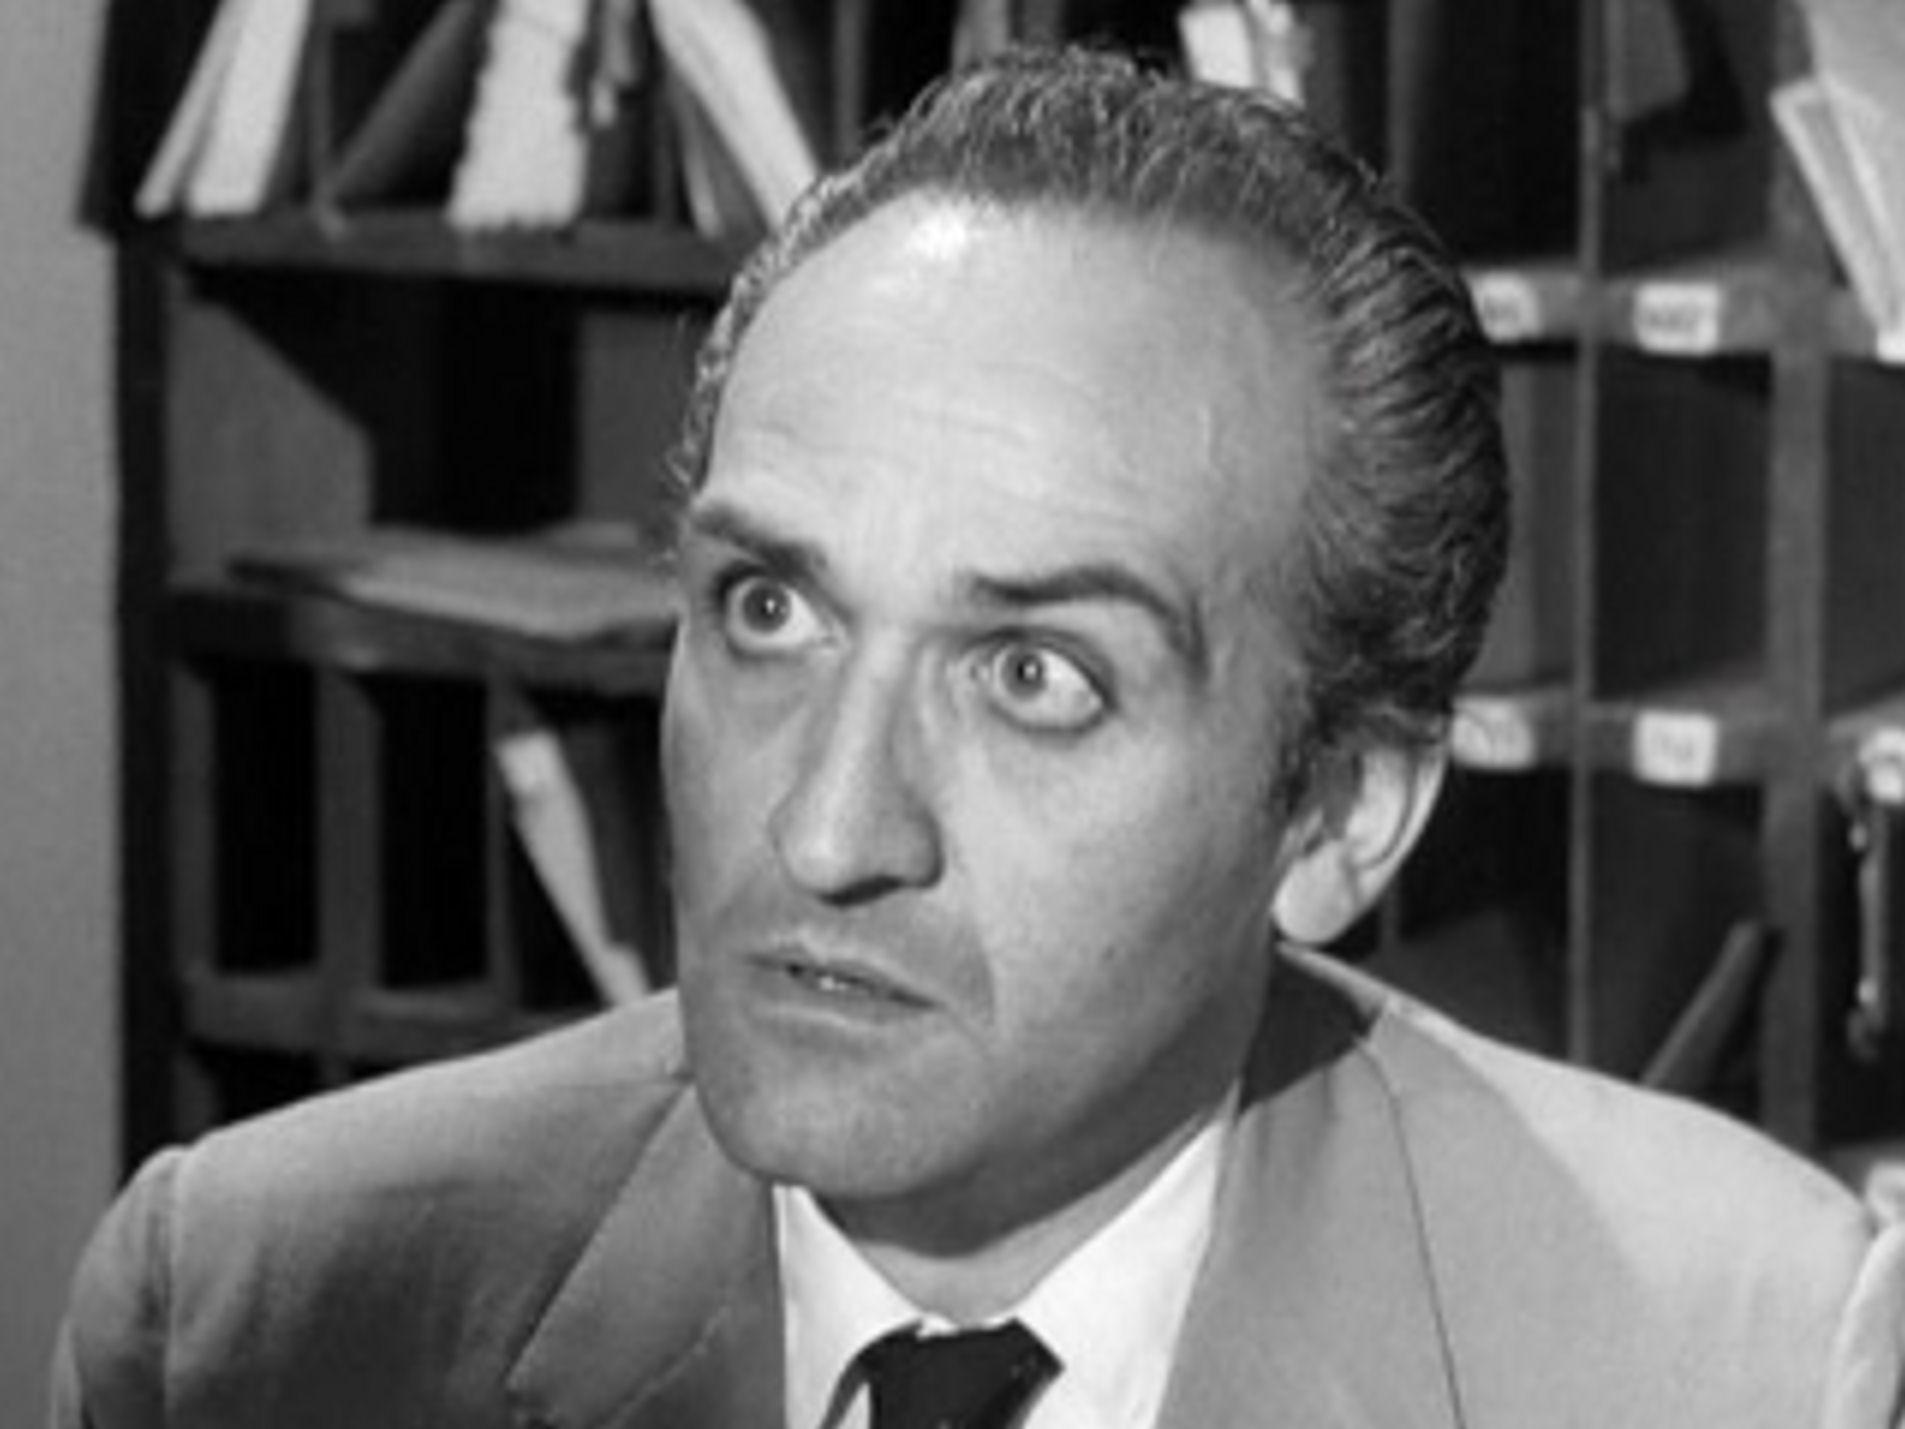 Roger Delgado 1962